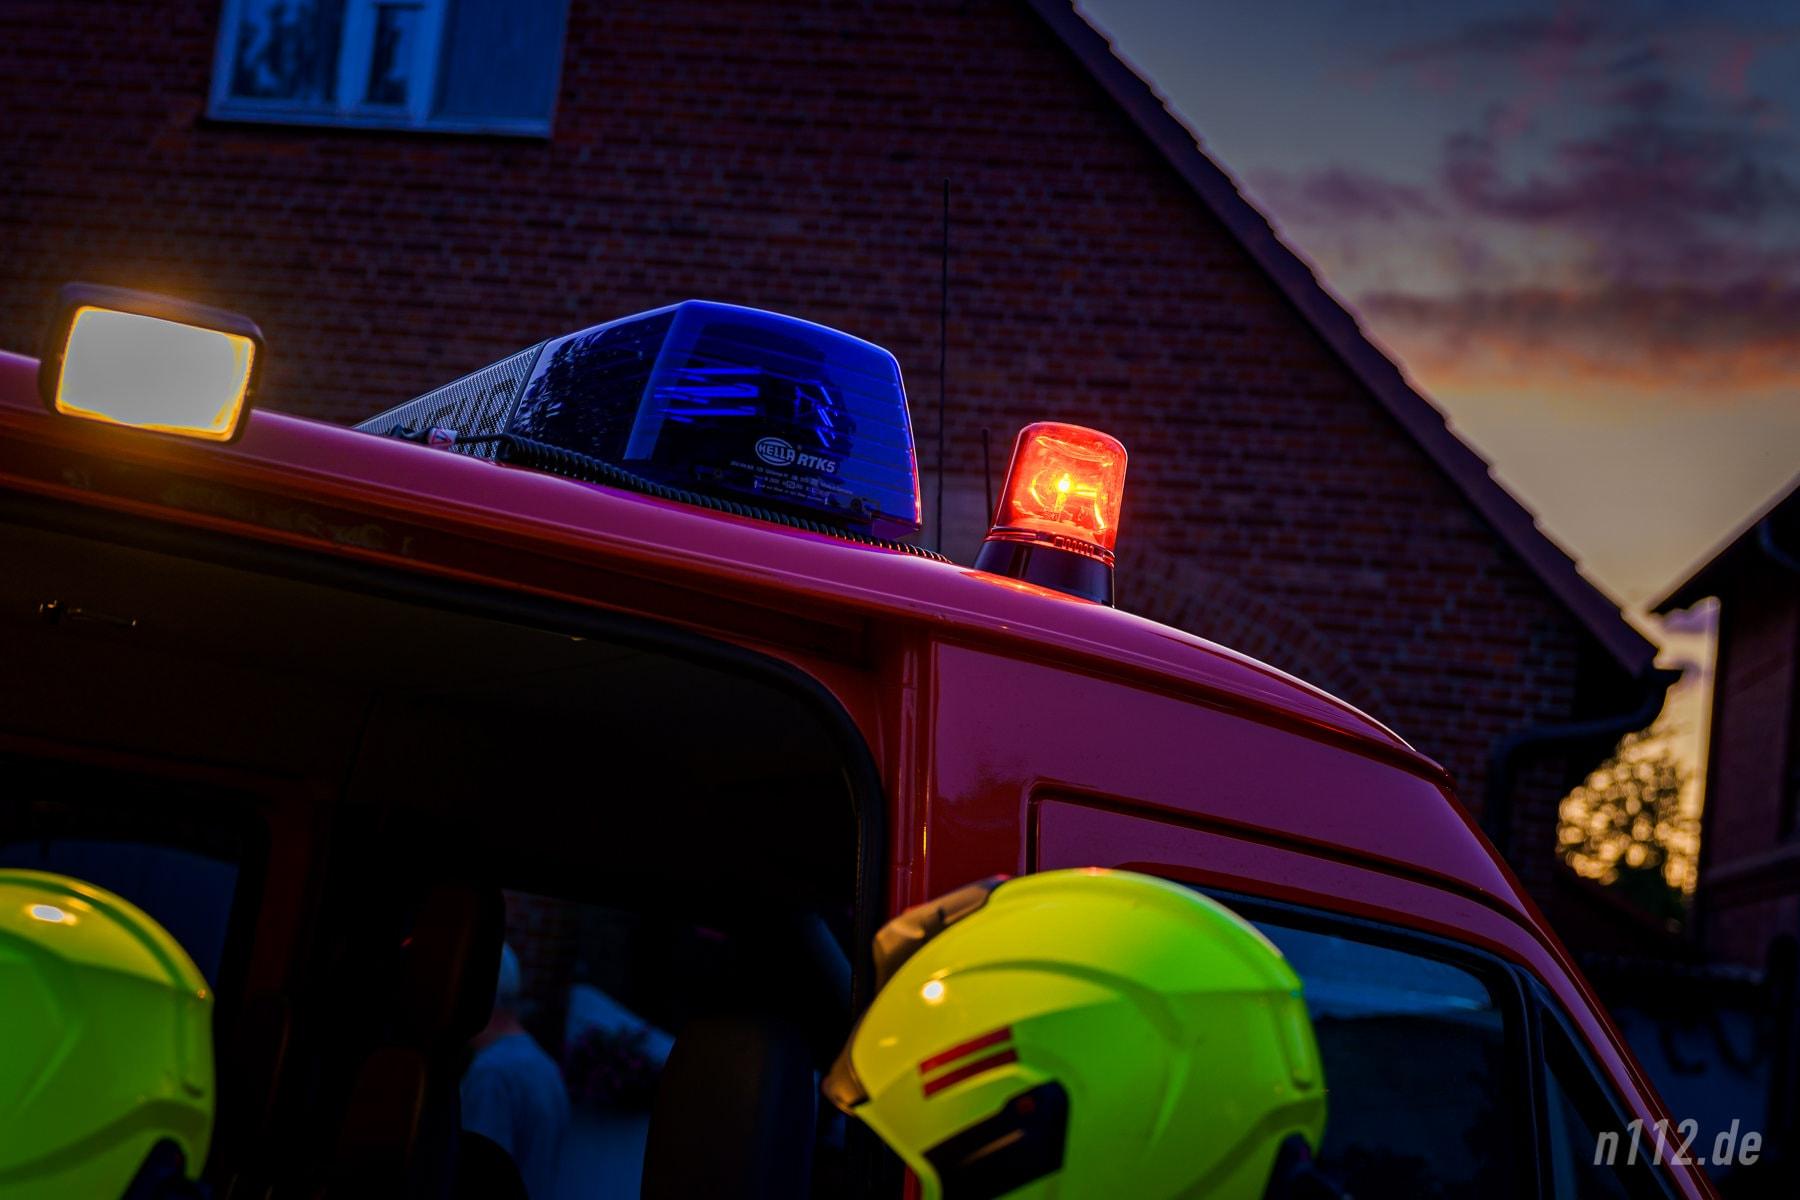 Das rote Rundumlicht gibt es nur einmal an einer Einsatzstelle: Es weist alle ankommenden Feuerwehrleute darauf hin, wo sich die Einsatzleitung befindet, bei der sie sich anmelden müssen. (Foto: n112.de/Stefan Simonsen)